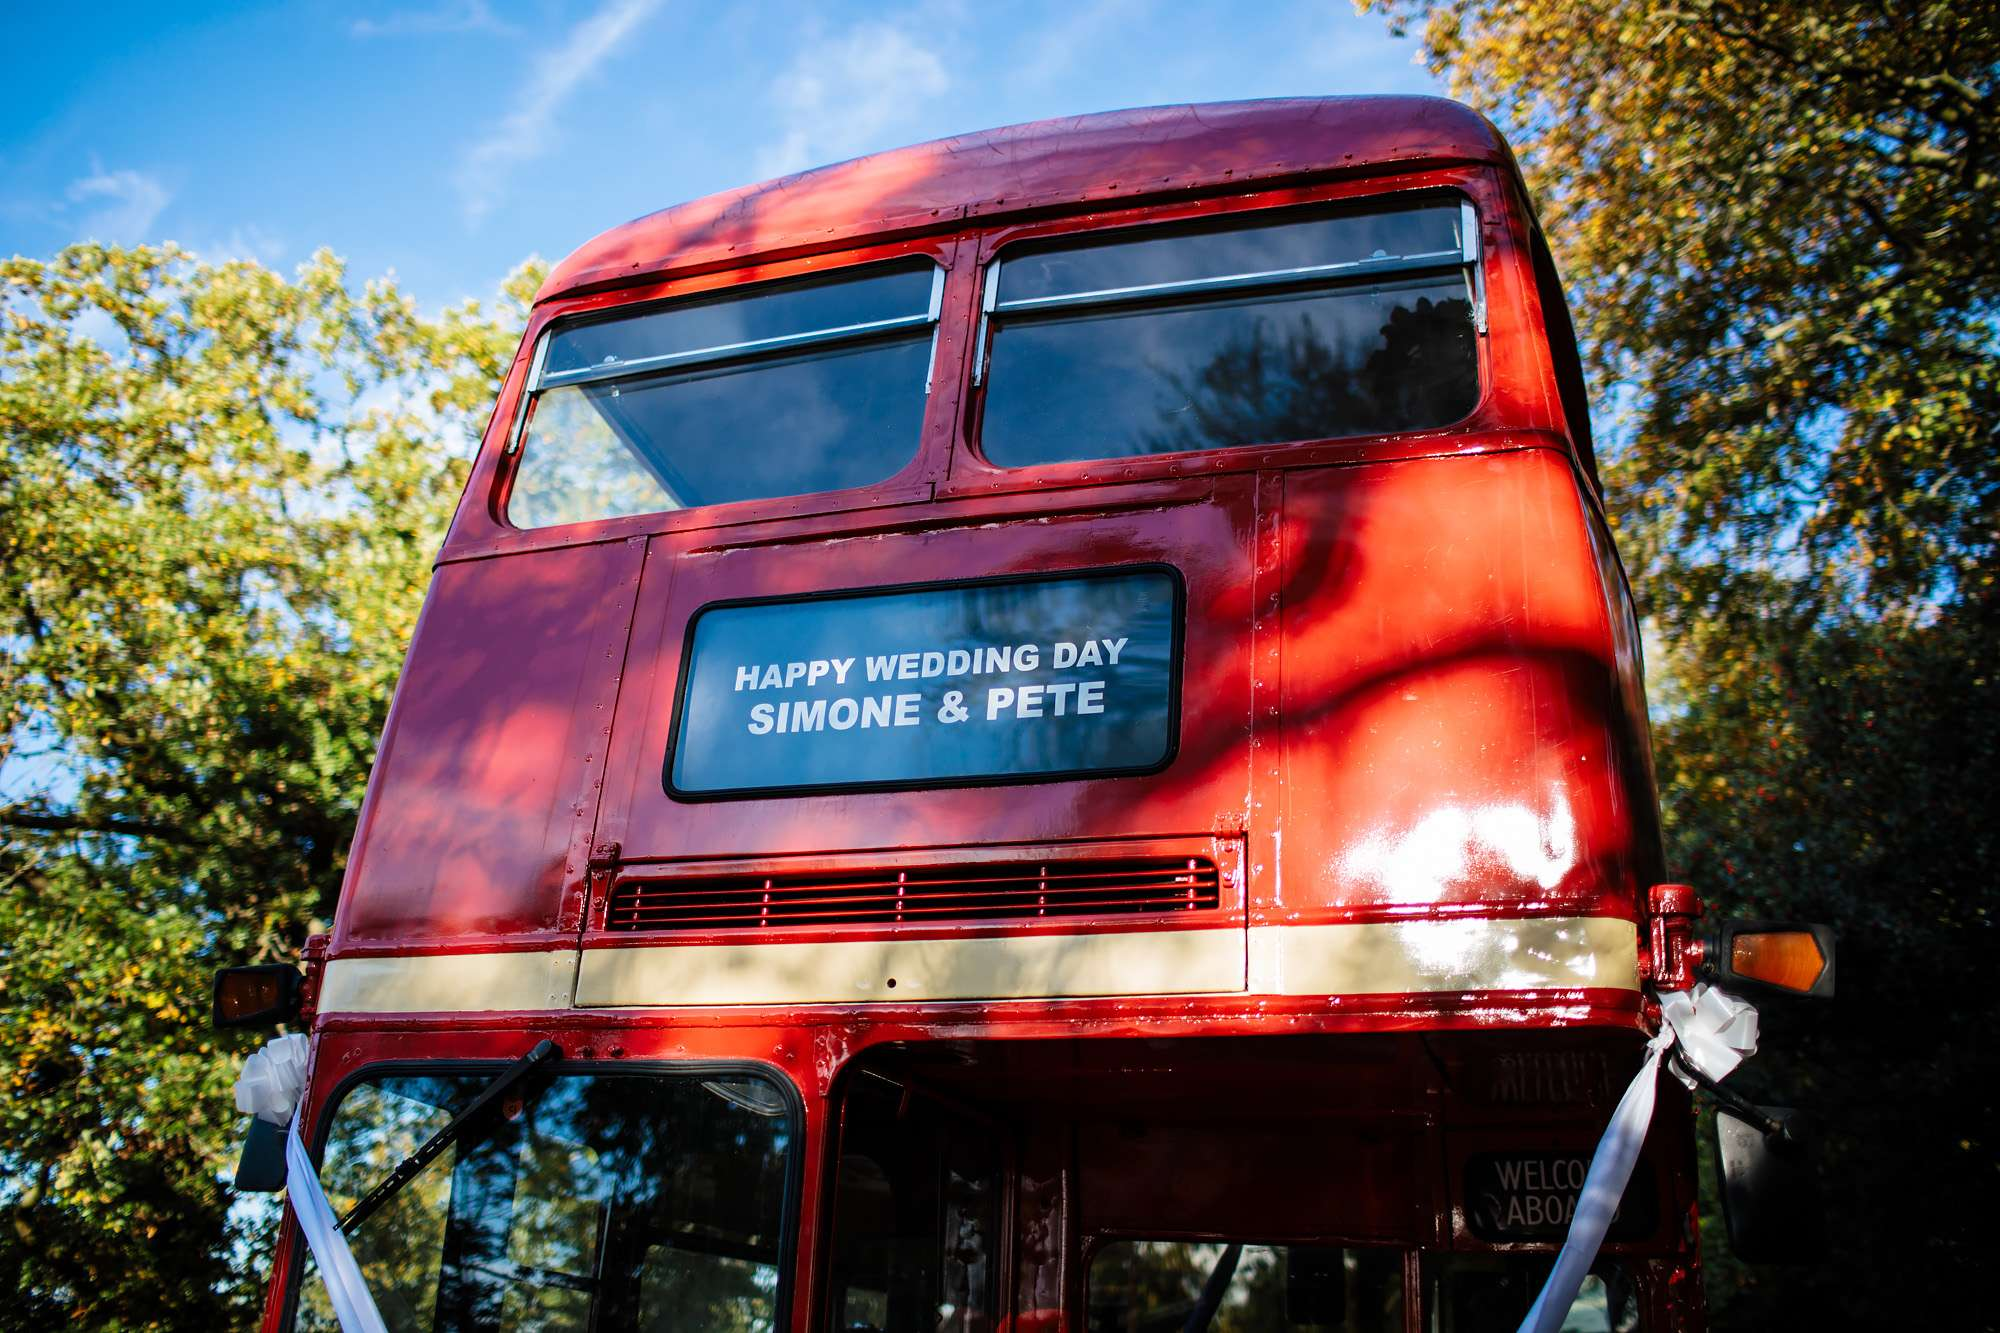 Vintage wedding bus in Leeds